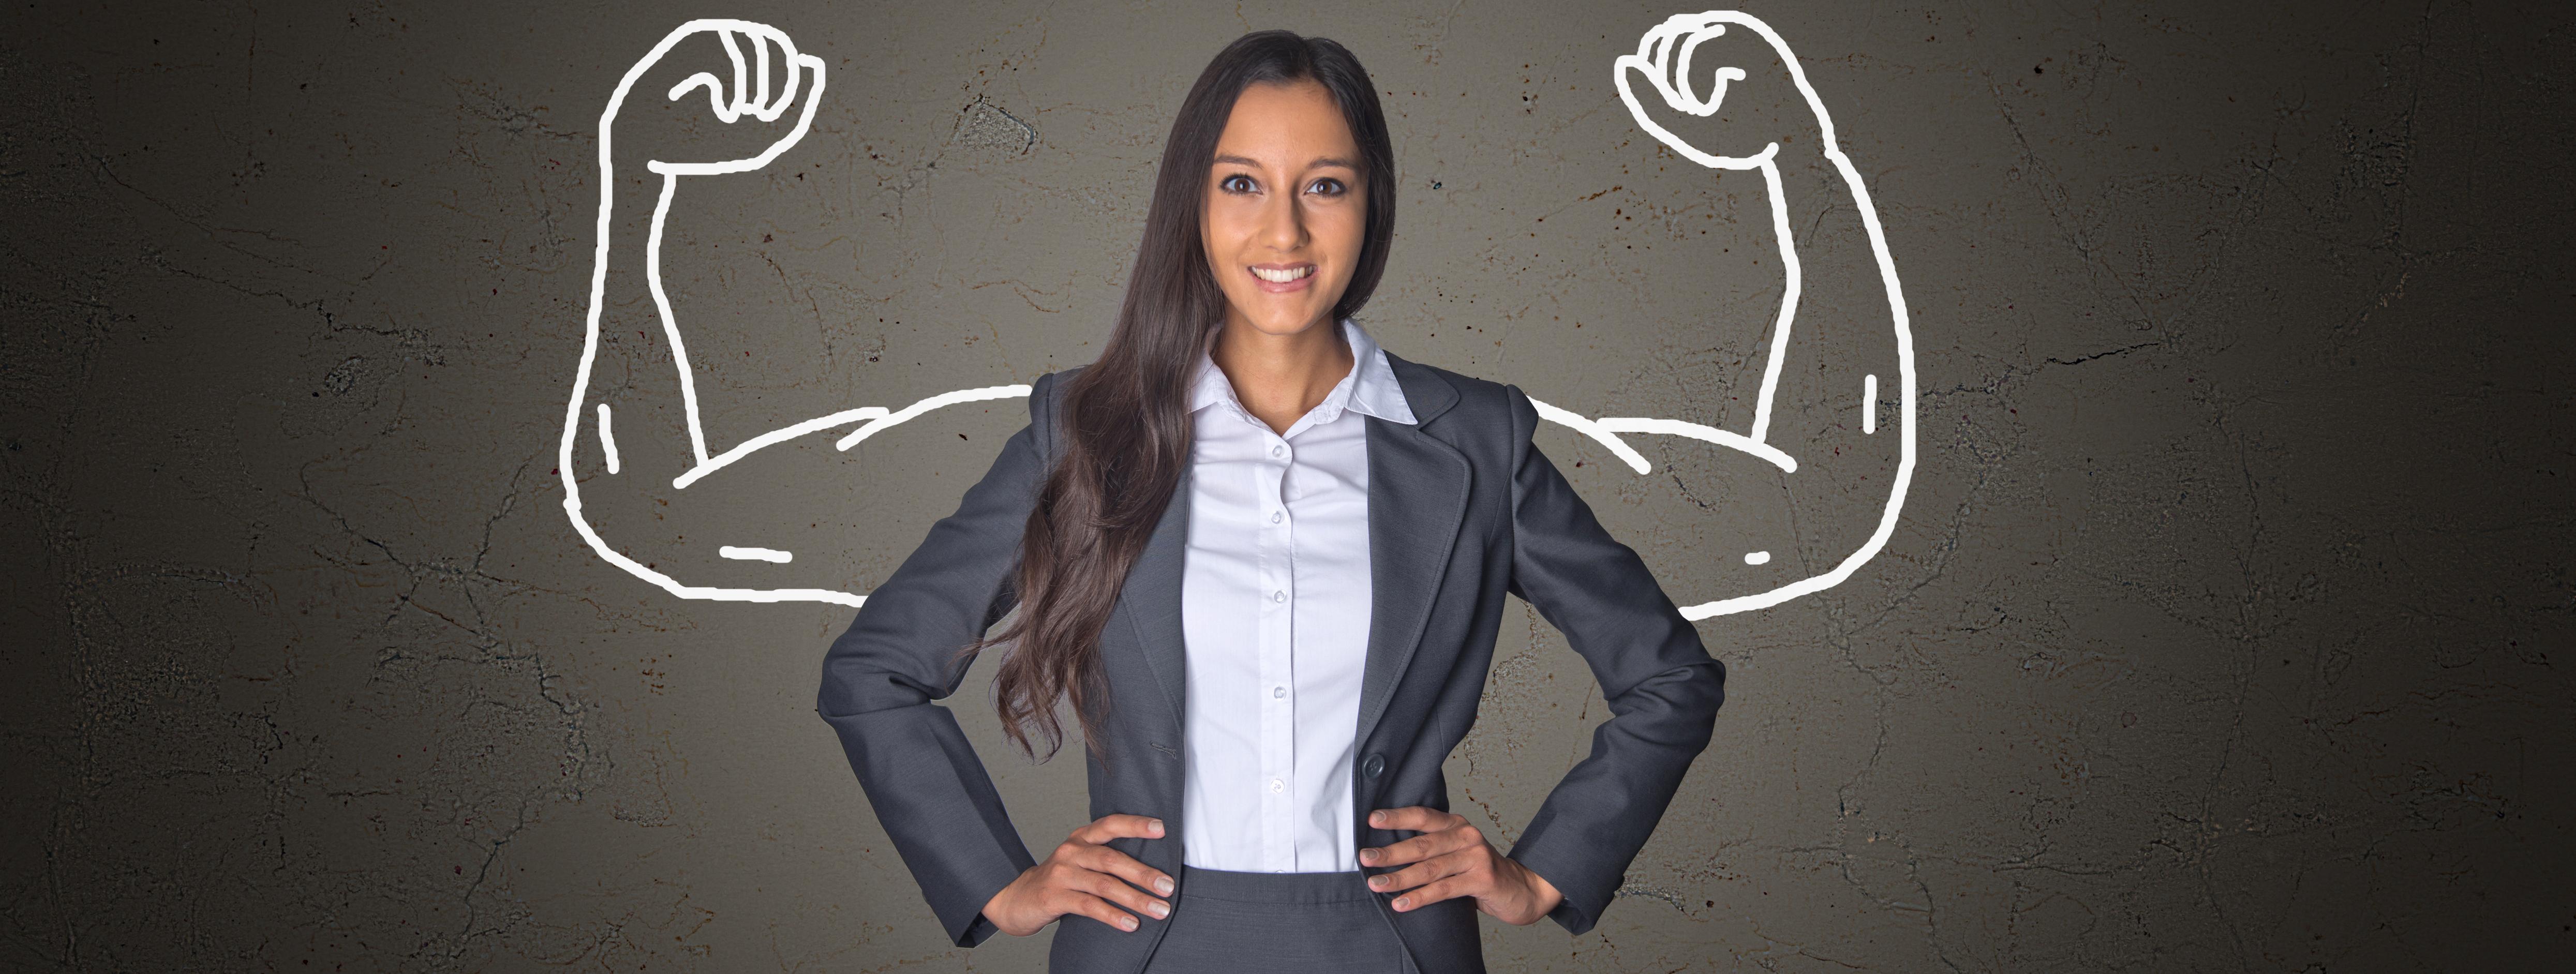 7 segredos para tornar-se um empreendedor de sucesso